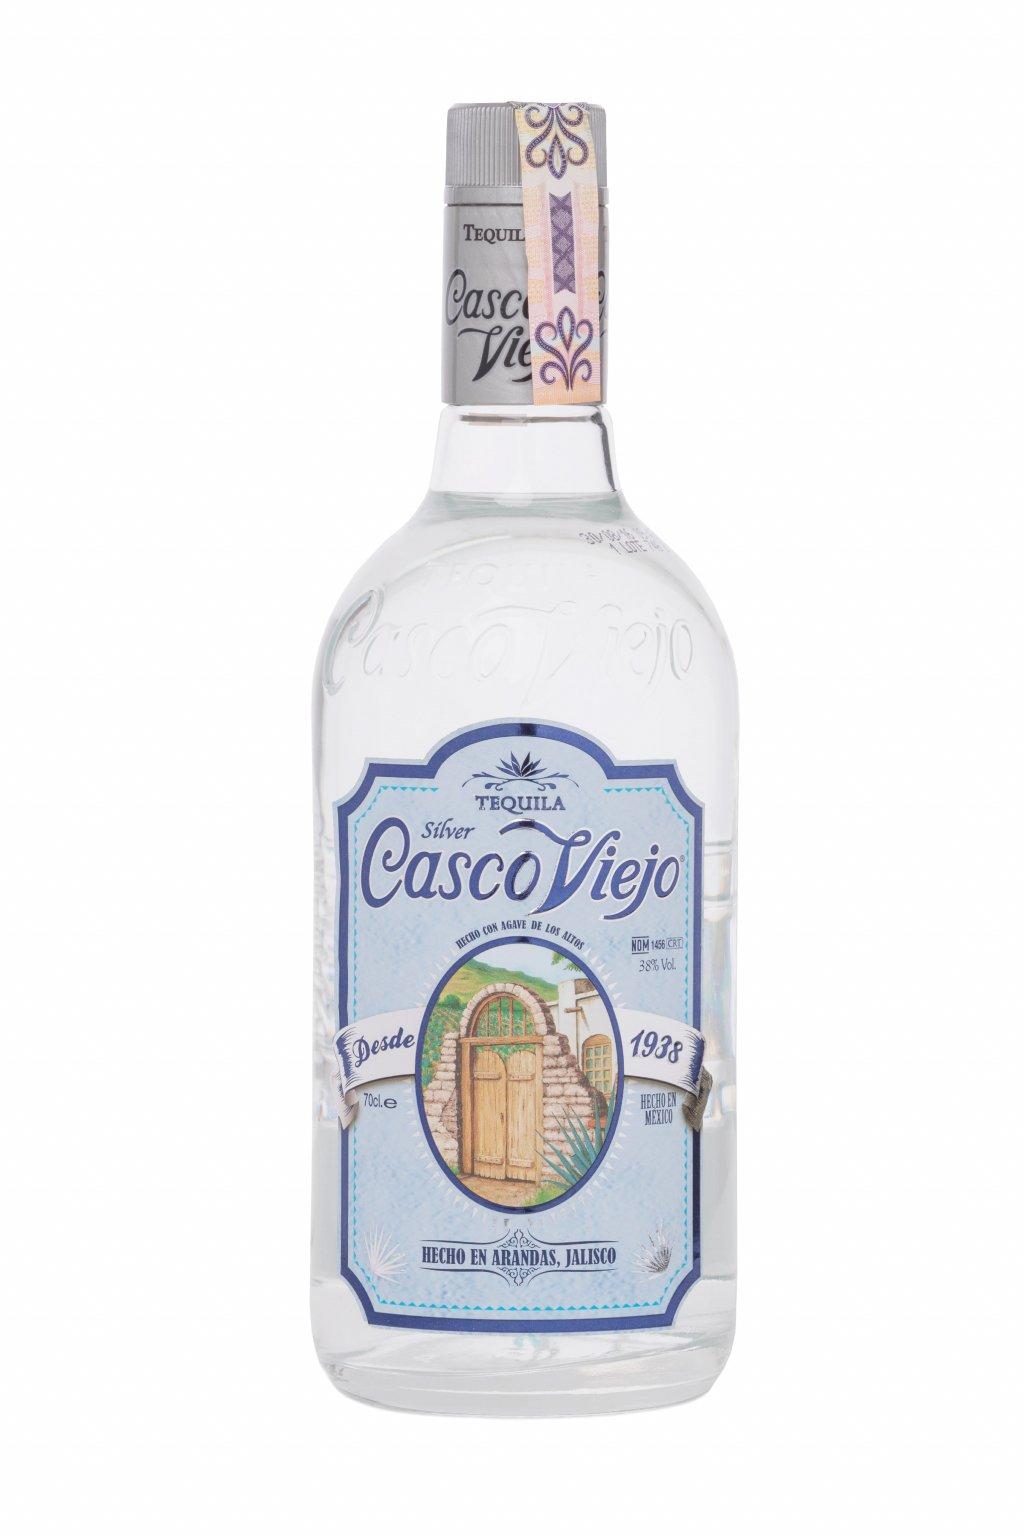 Casco Viejo Silver